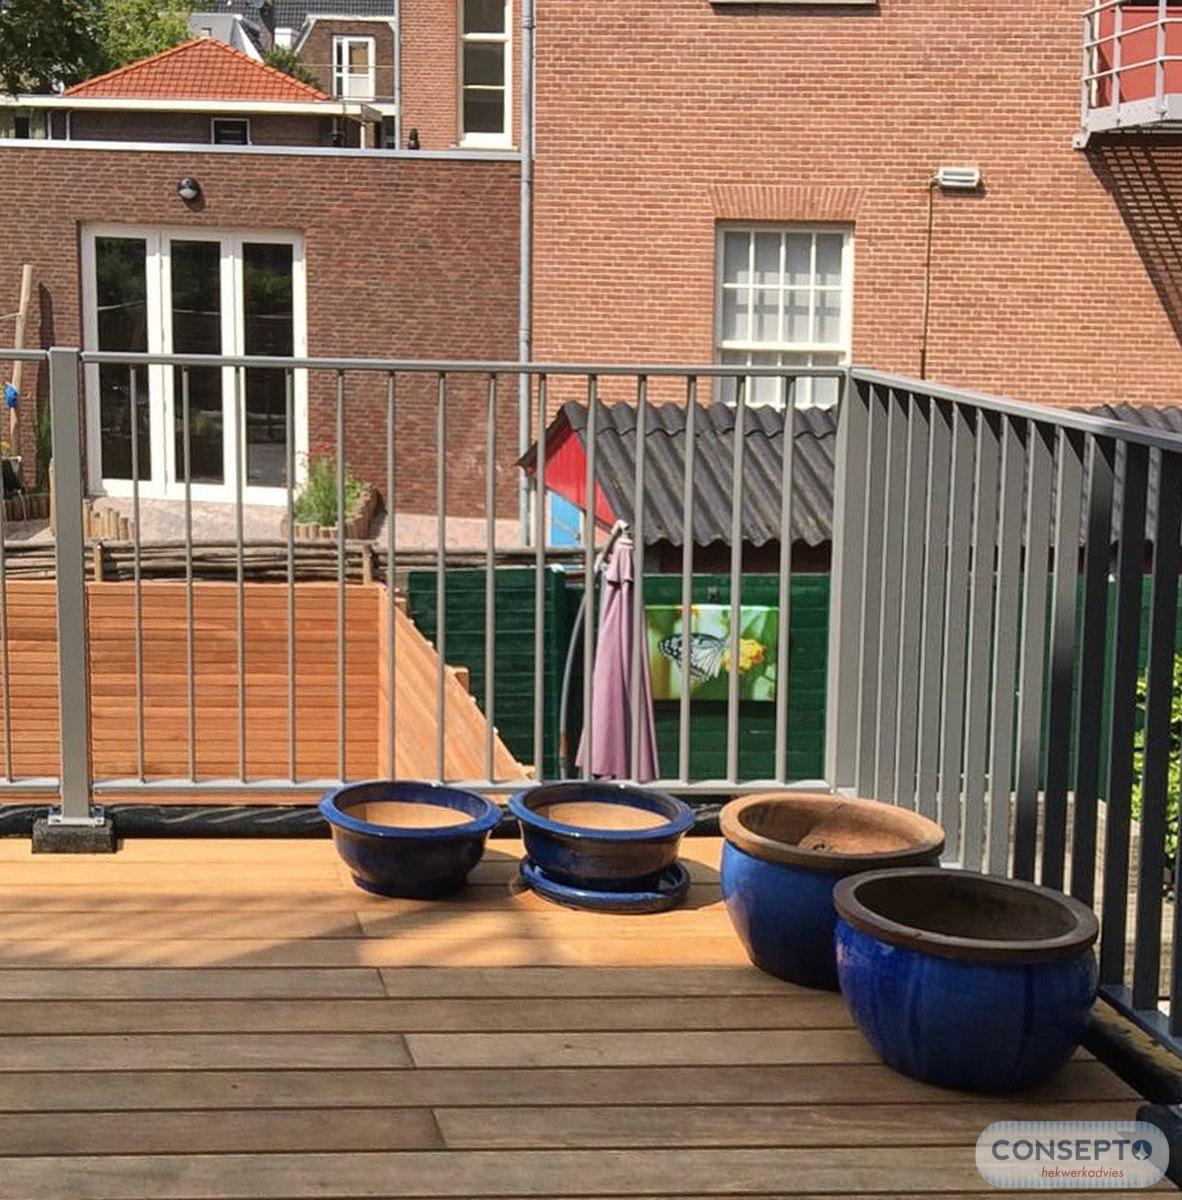 Balkonhekwerk platte spijlen | Consepto Hekwerk